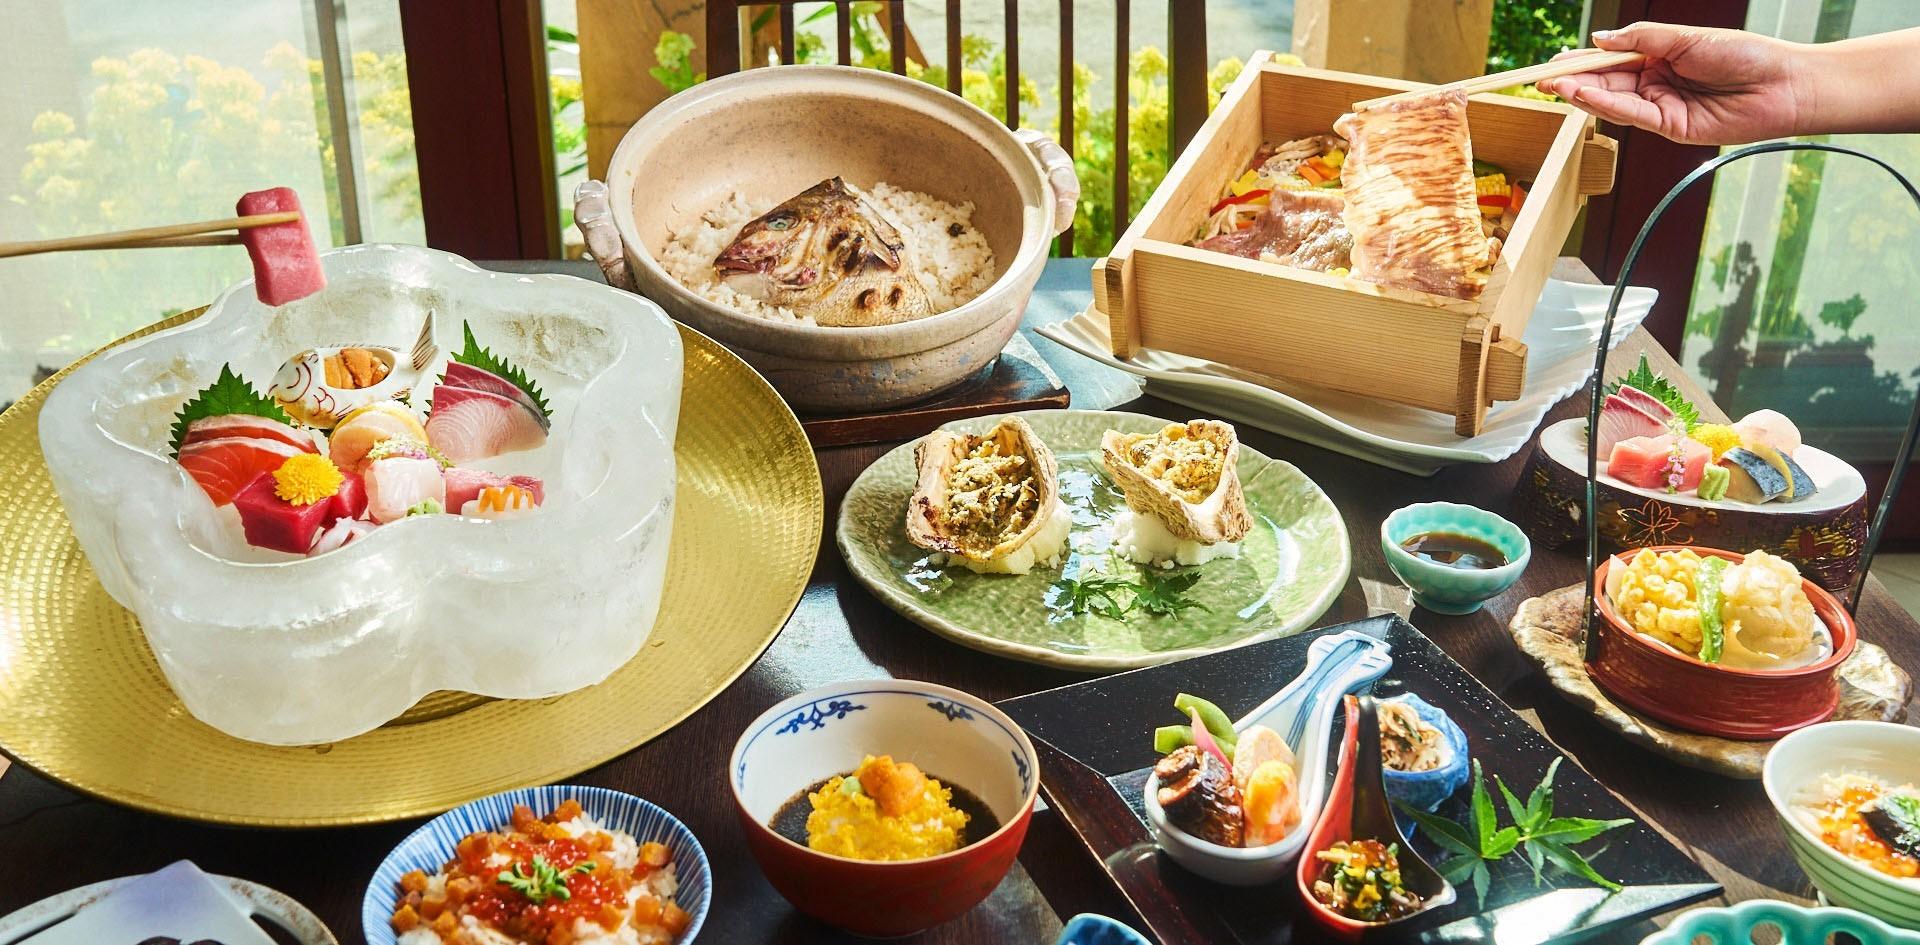 [รีวิว] Nanohana ร้านอาหารญี่ปุ่นสไตล์โอซาก้าสุดเนี๊ยบ โดยเชฟระดับโลก!